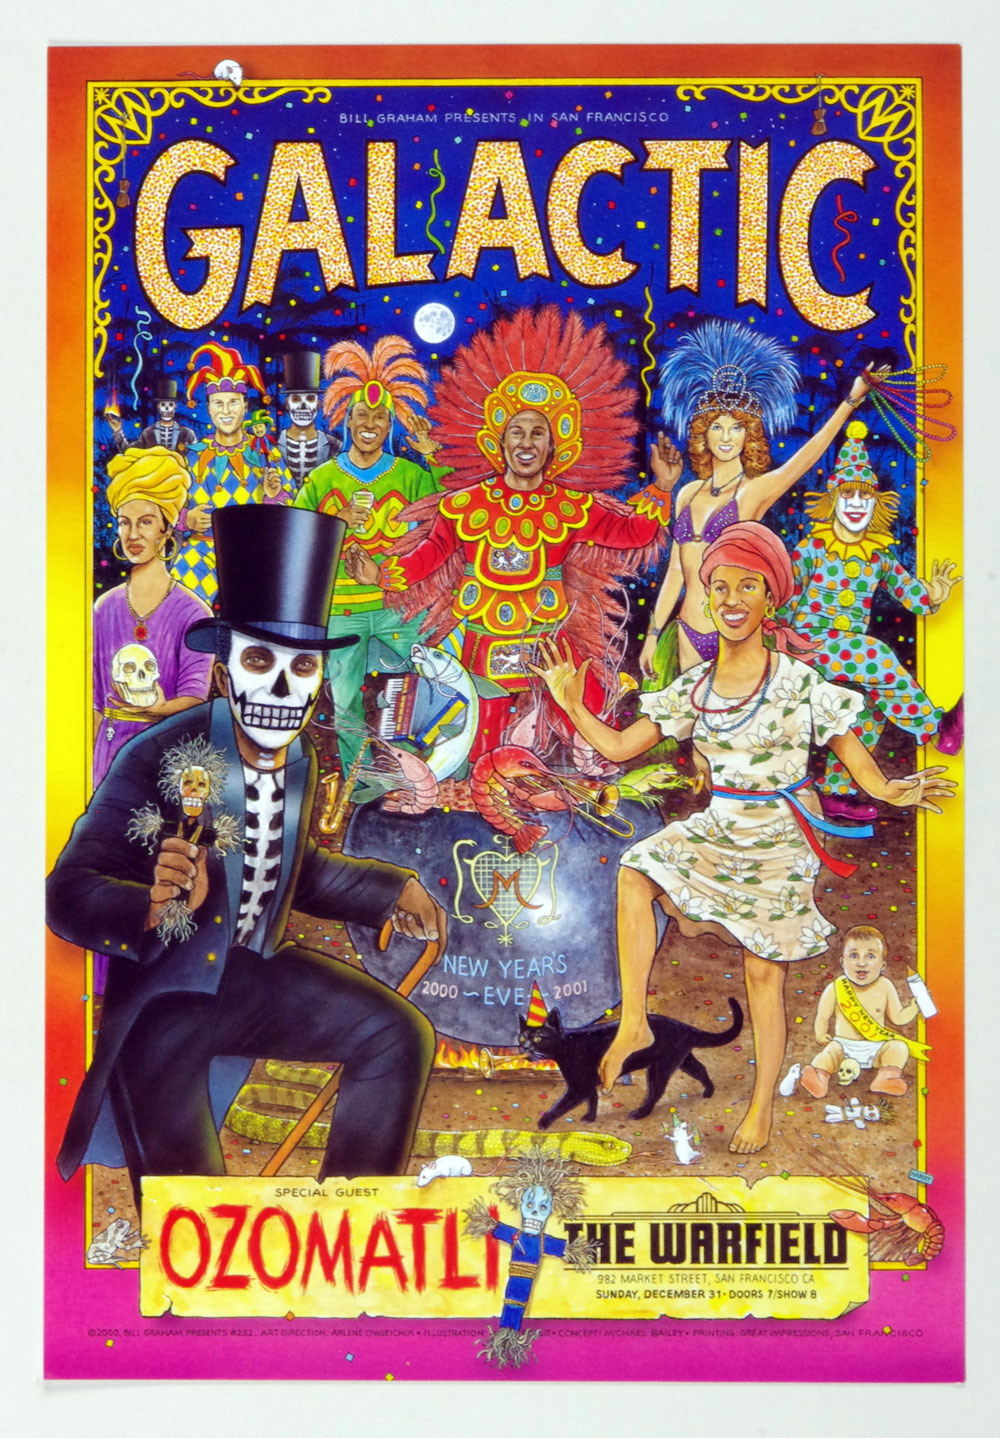 Bill Graham Presents Poster 2000 Dec 31 Galactic #252